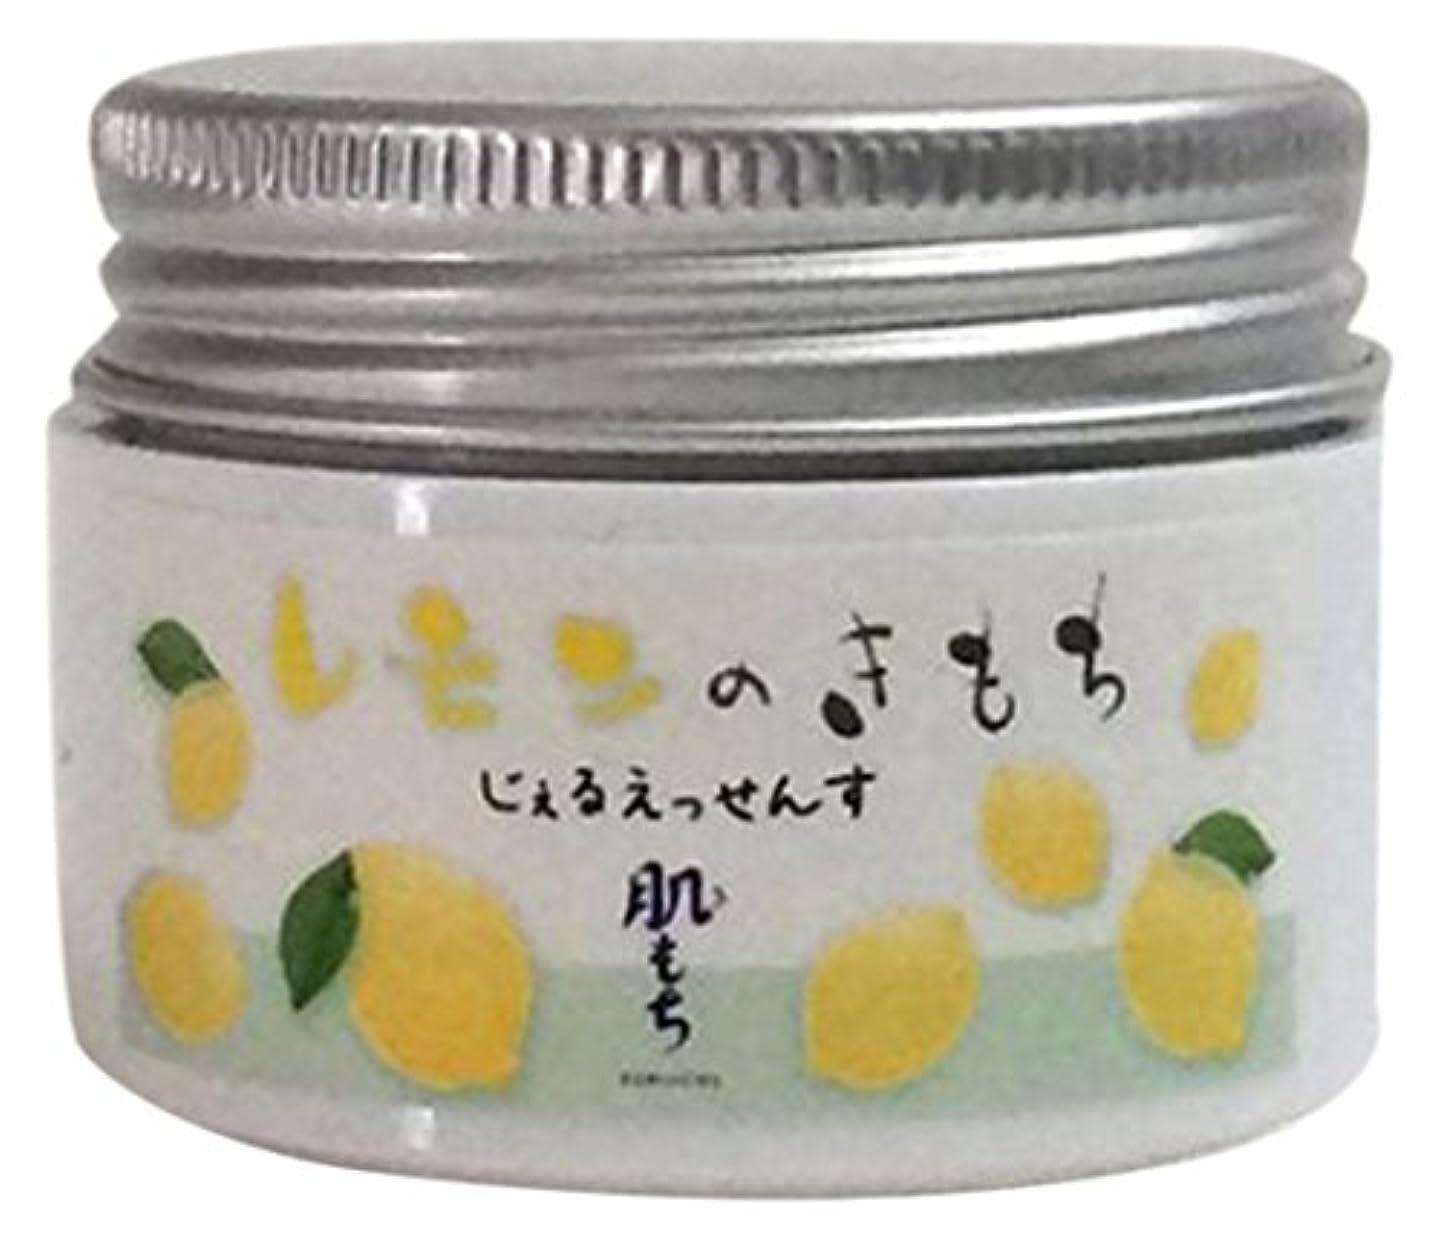 によるとレモン送信する肌もち ジェルエッセンス(レモン) 50g